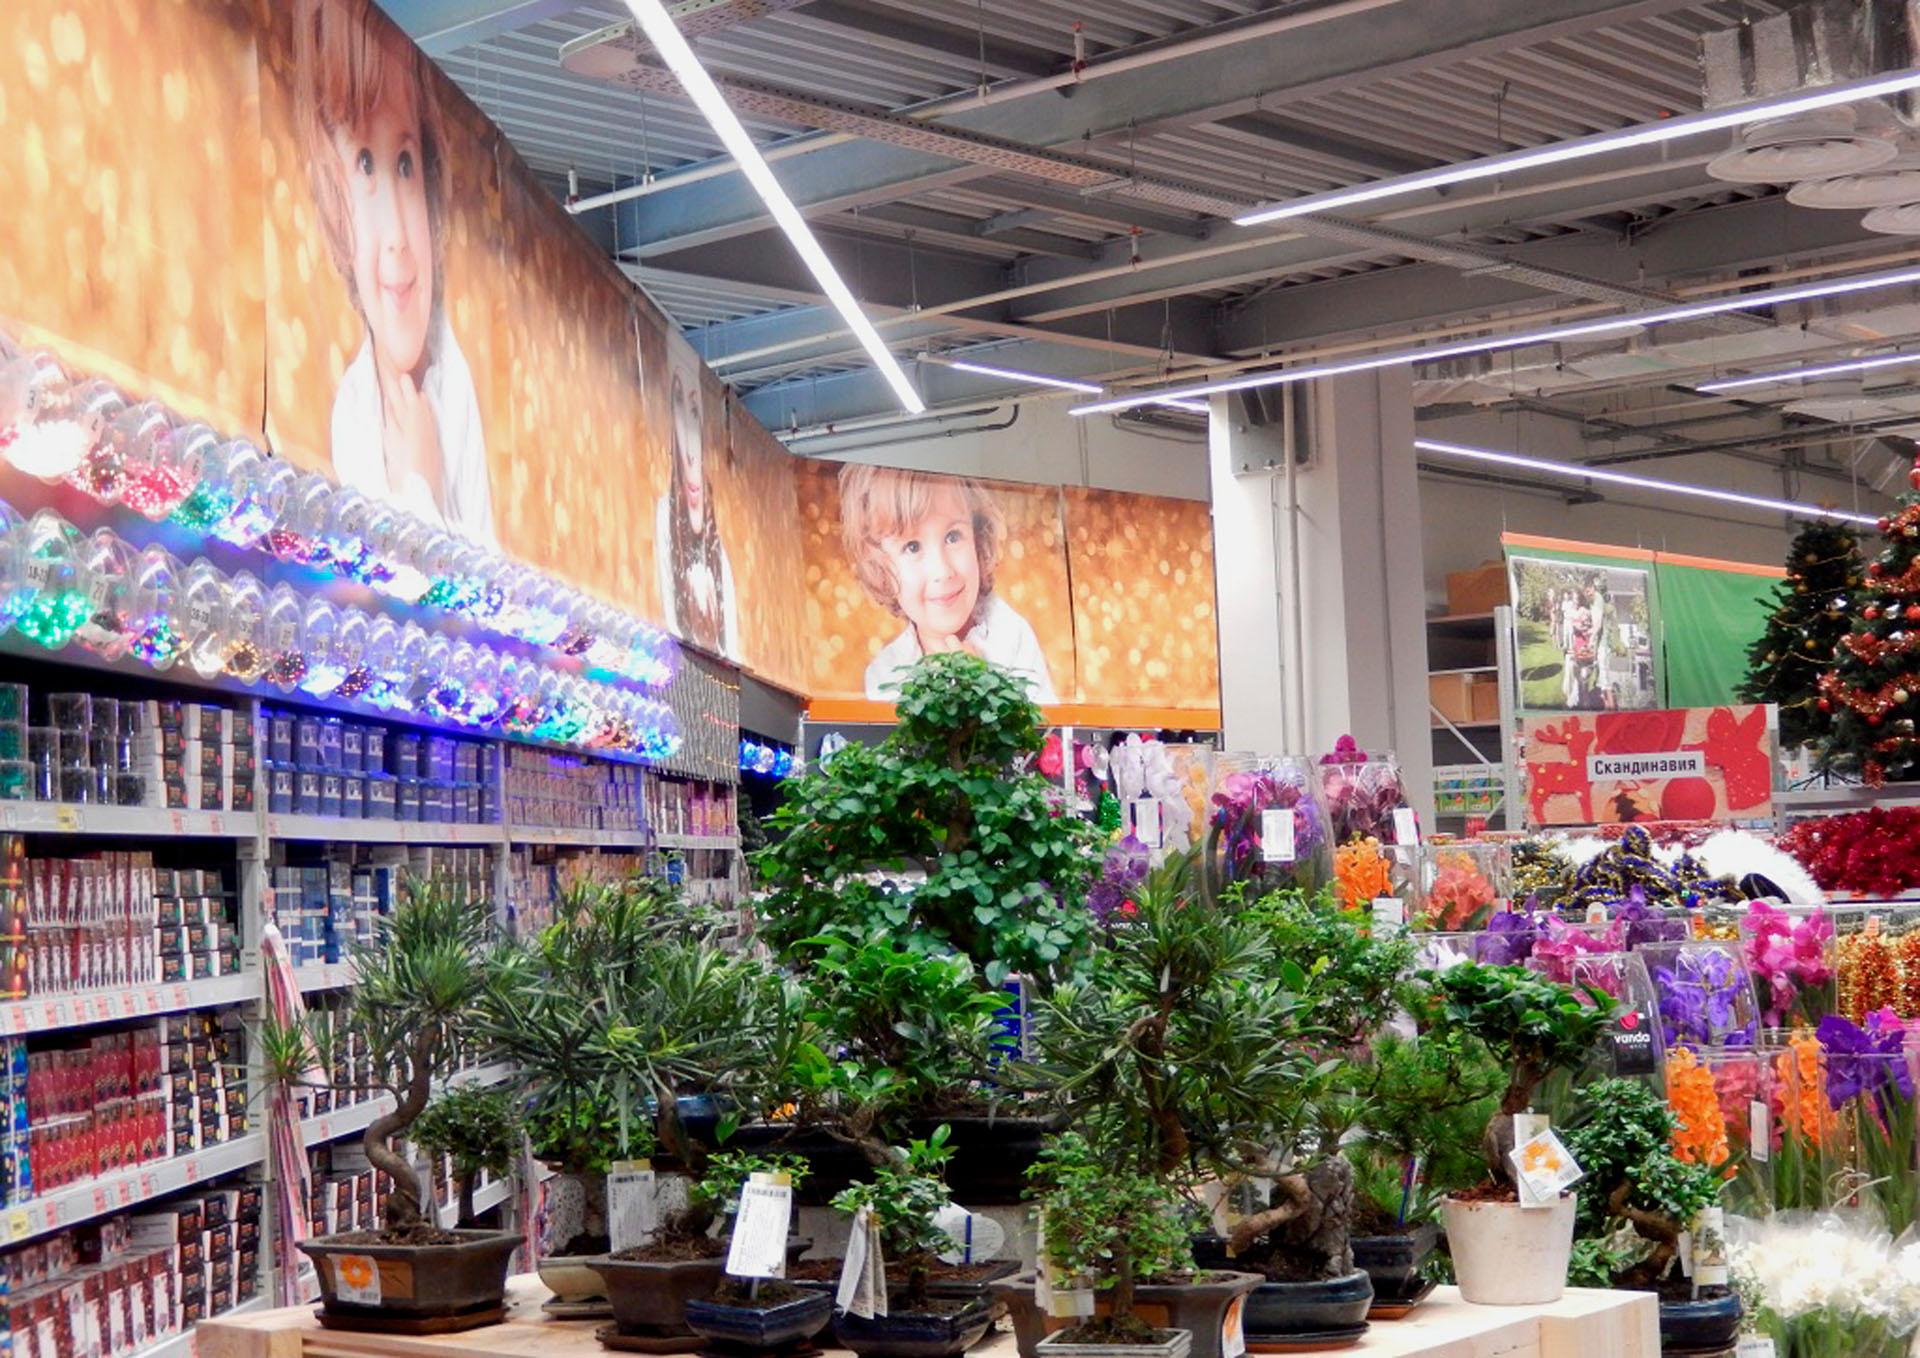 Магазин Цветы Боровское Шоссе